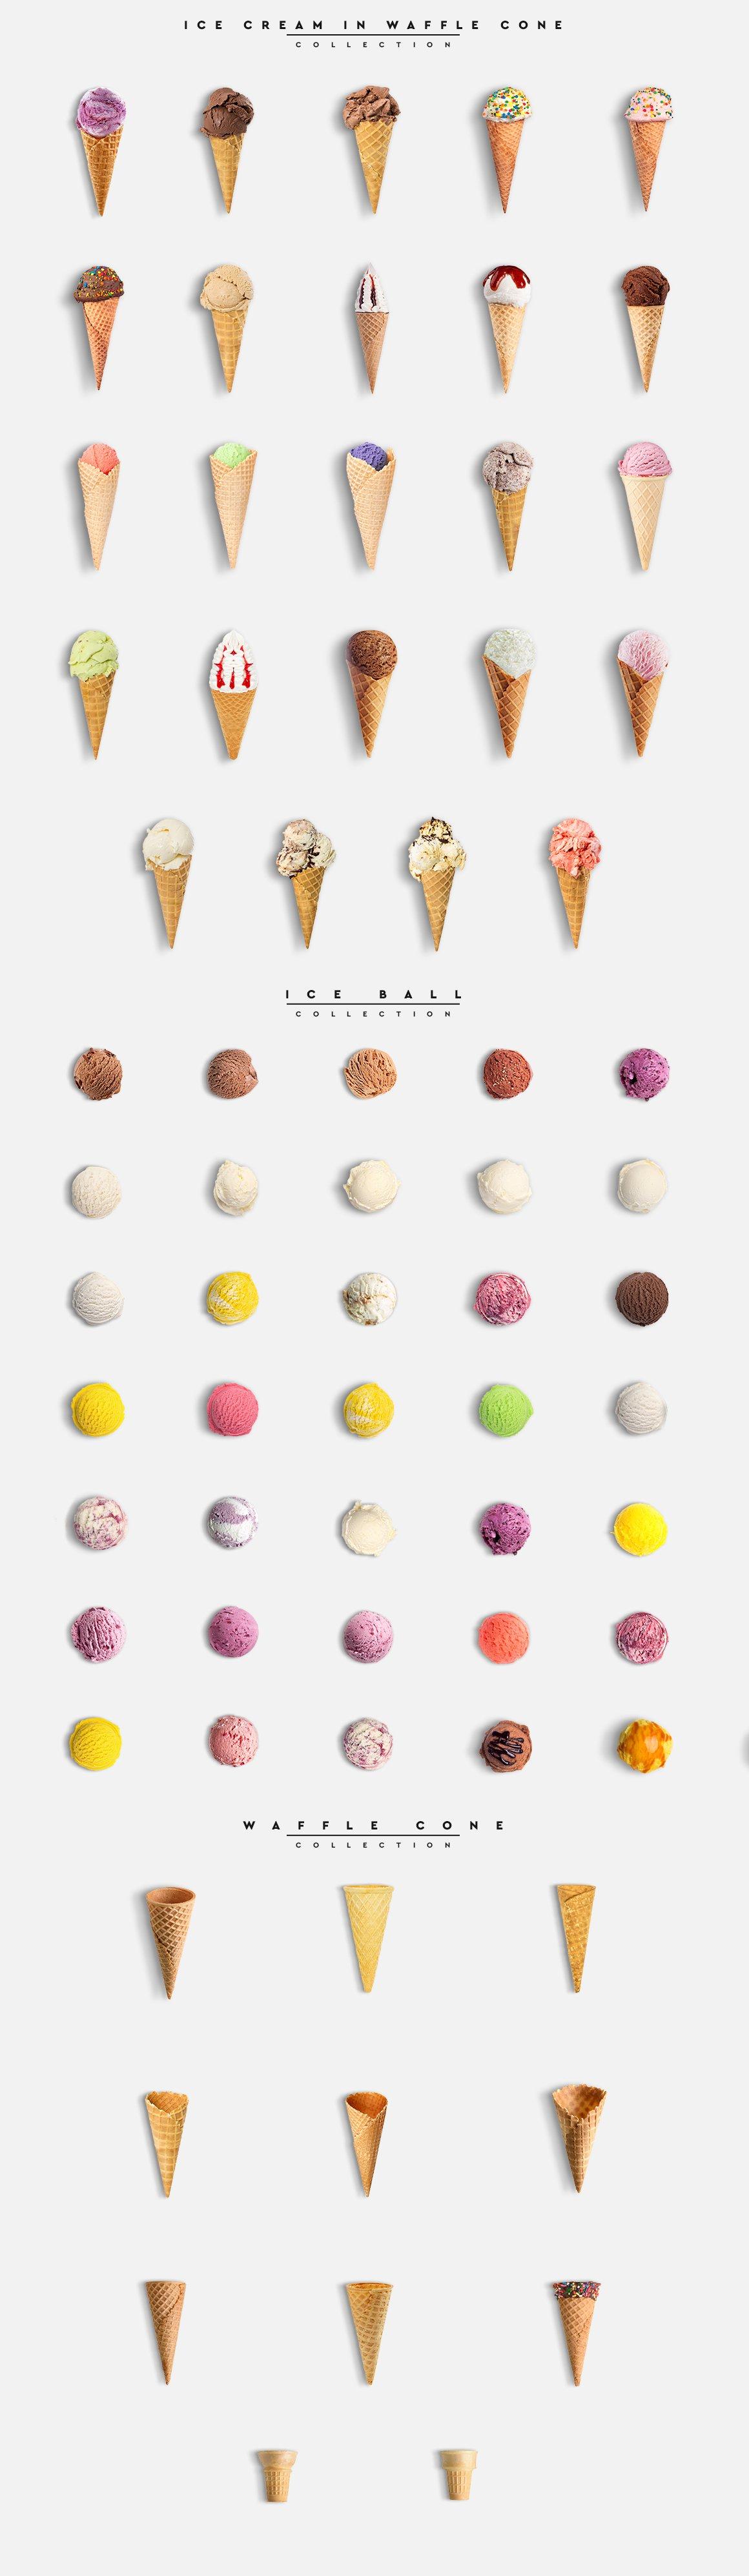 冰淇淋场景发生器平面广告设计PS素材 Ice Cream Scene Creator #01插图(1)